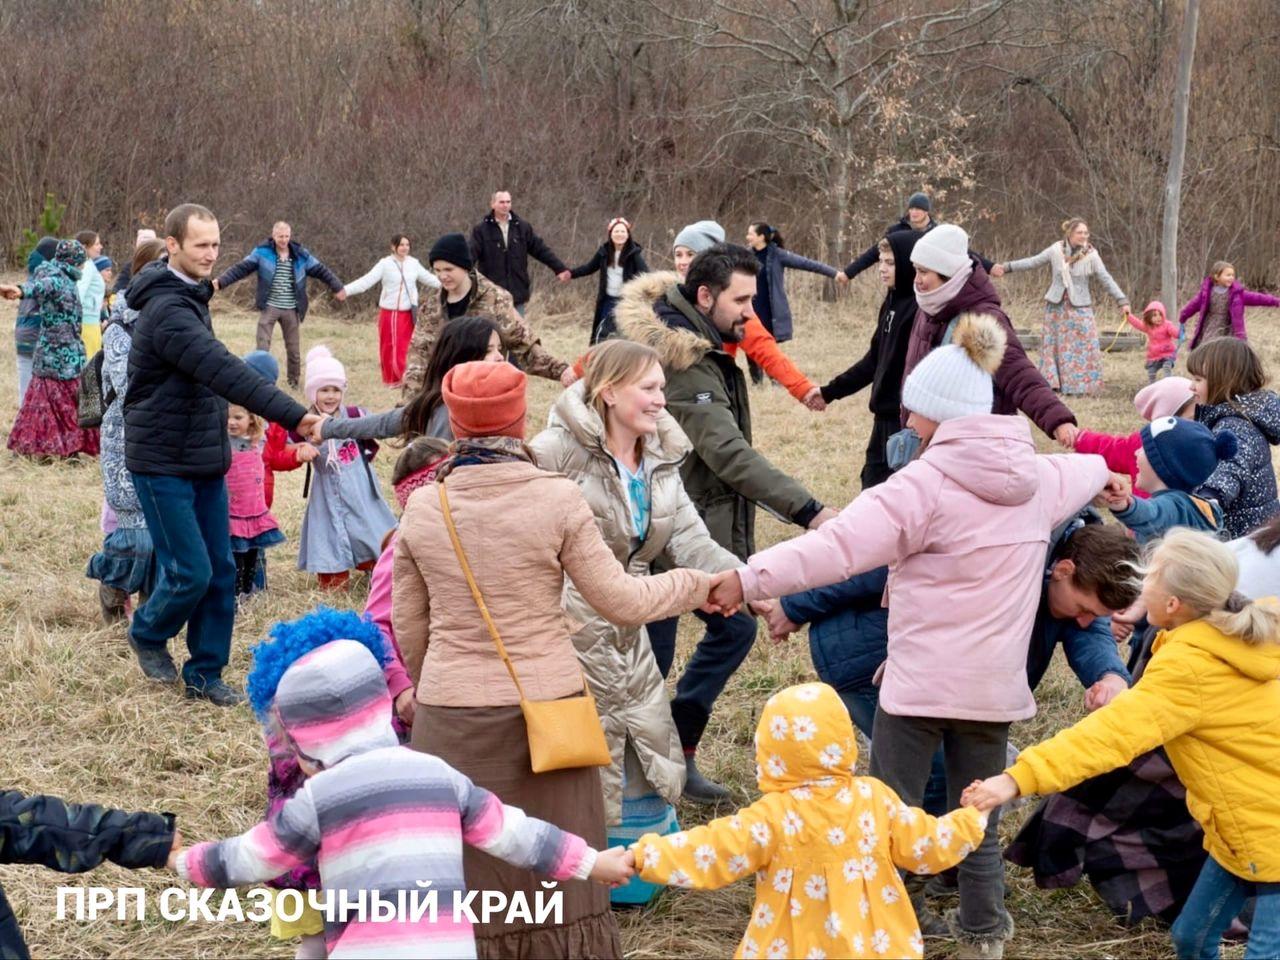 Встреча весны в поселении Сказочный край (6).jpg